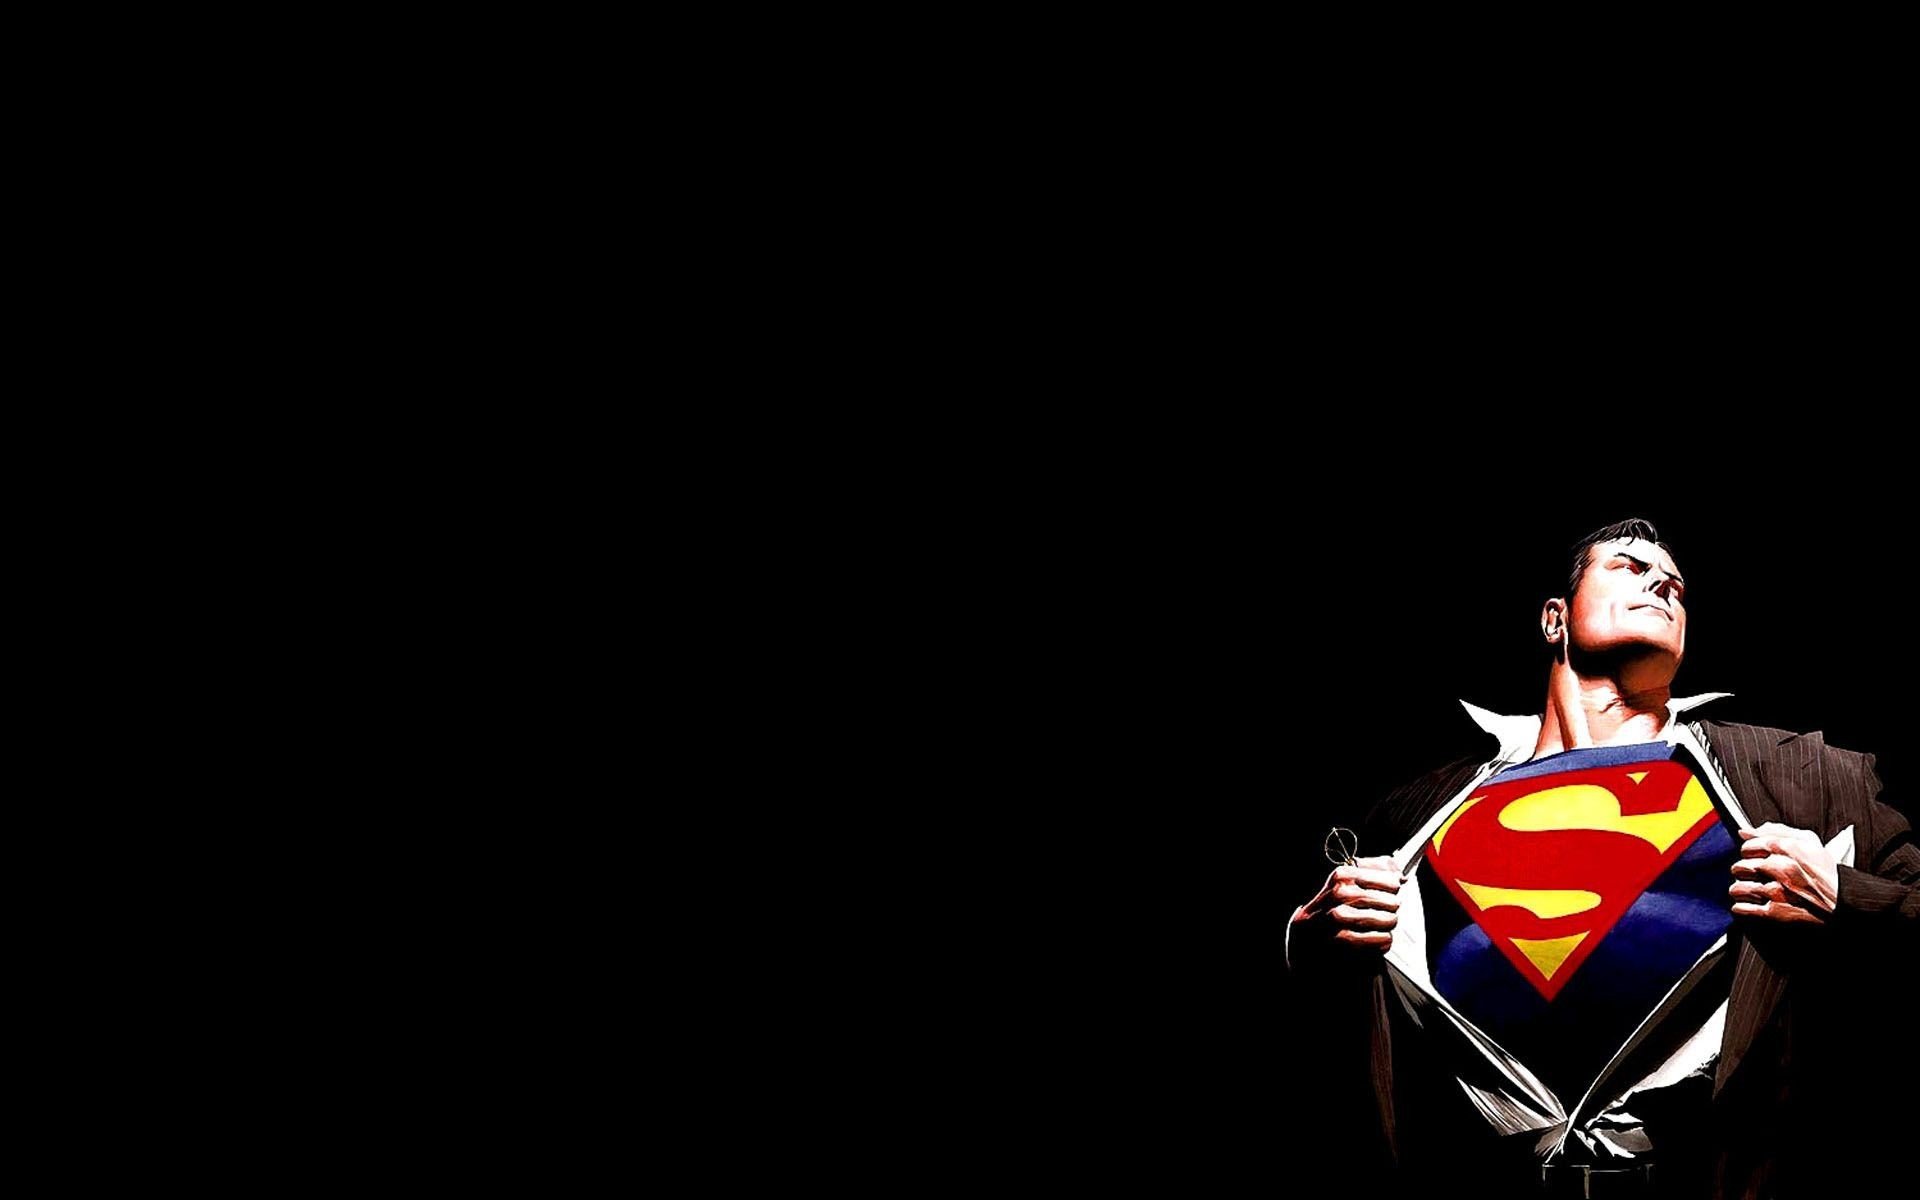 Download 87+ Wallpaper Android Superman Gratis Terbaik